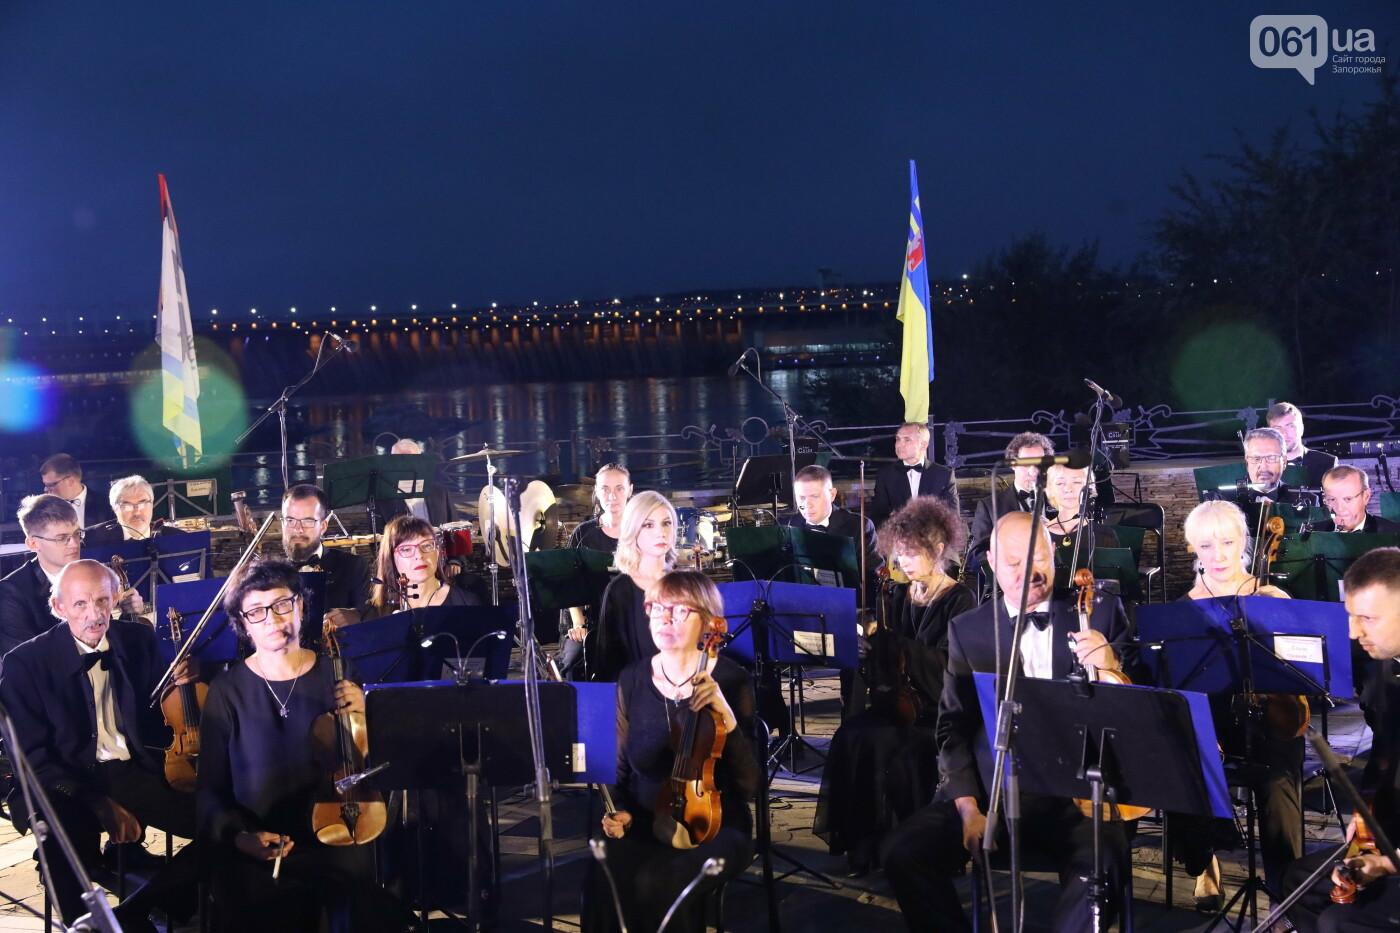 Концерт оркестра под открытым небом и световое шоу: как на Хортице отметили День независимости, - ФОТОРЕПОРТАЖ , фото-15